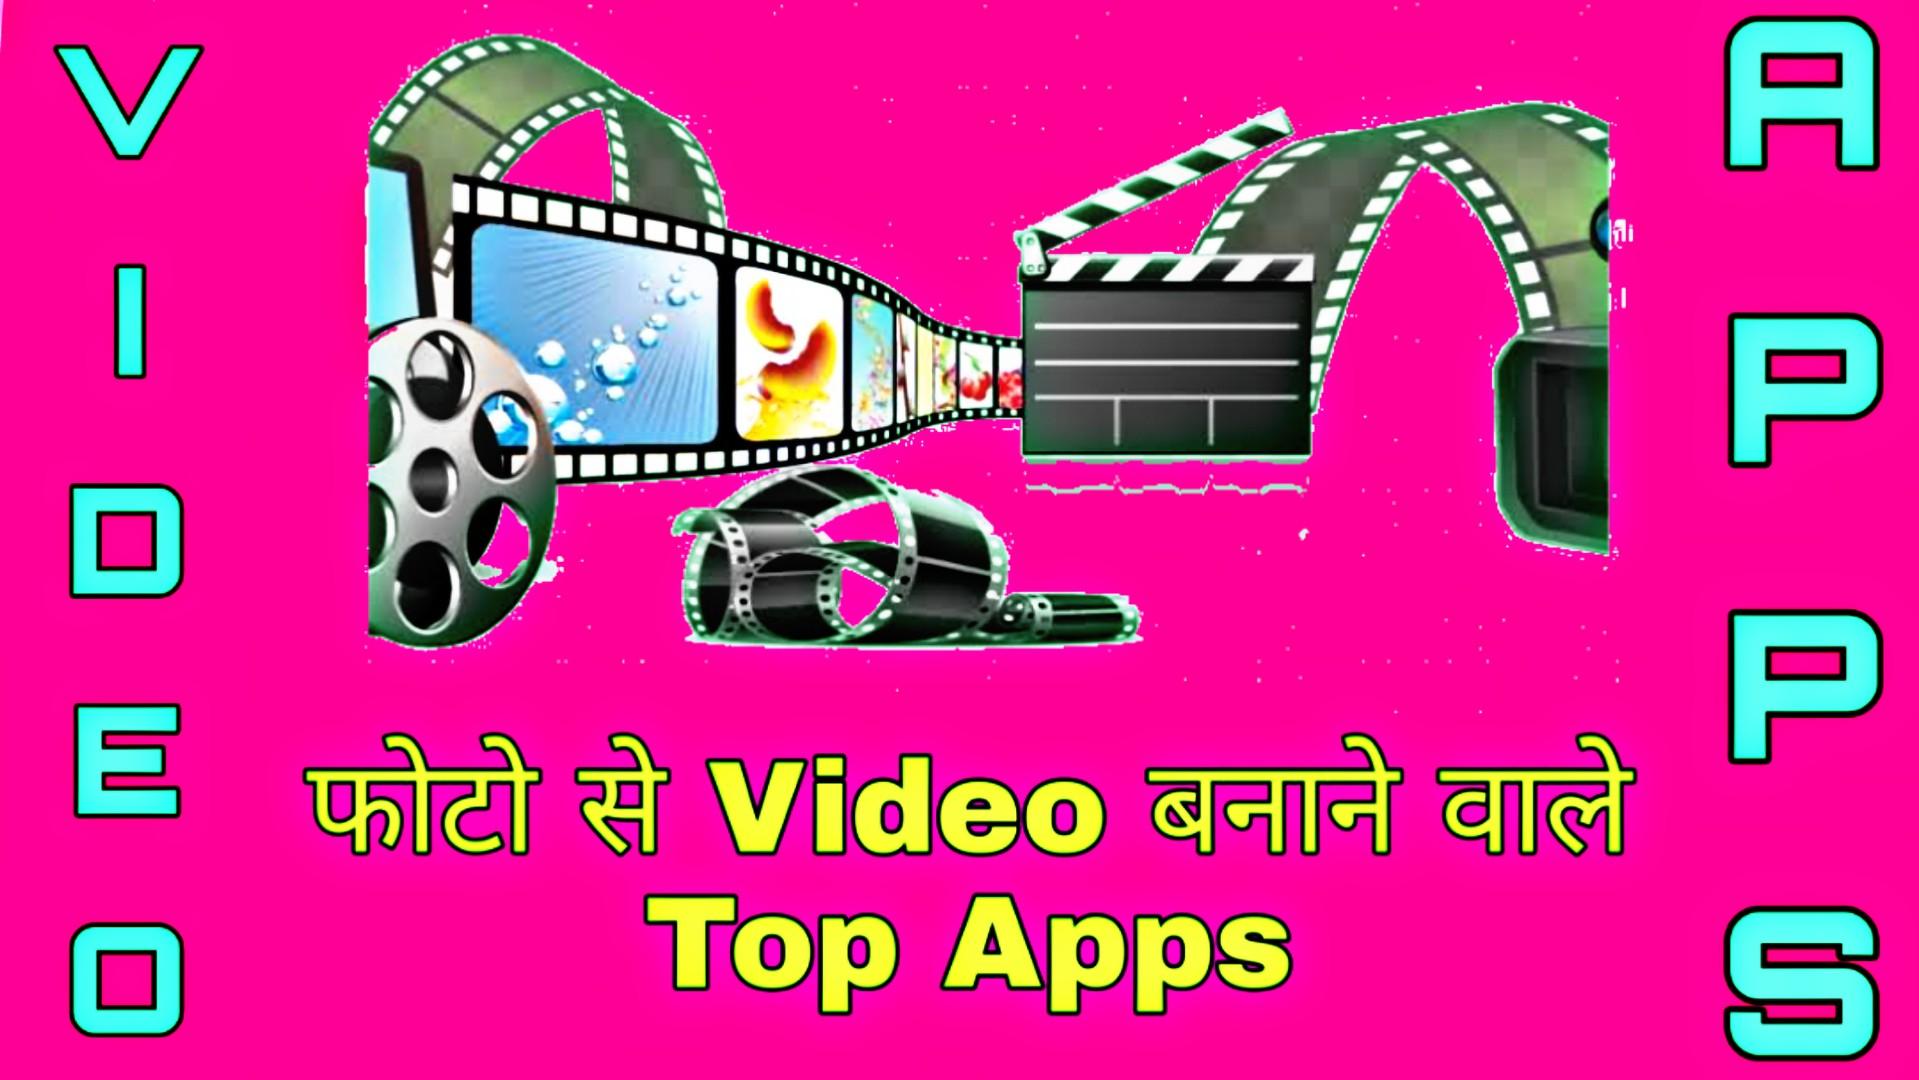 Photo À¤¸ Video À¤¬à¤¨ À¤¨ À¤µ À¤² Apps Best À¤µ À¤¡ À¤¯ Maker With Music